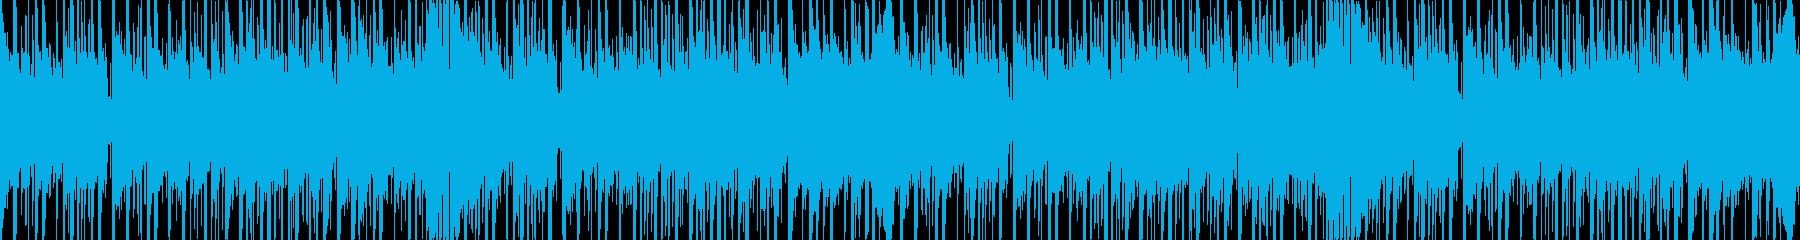 テクノポップなイメージのループ仕様BGMの再生済みの波形